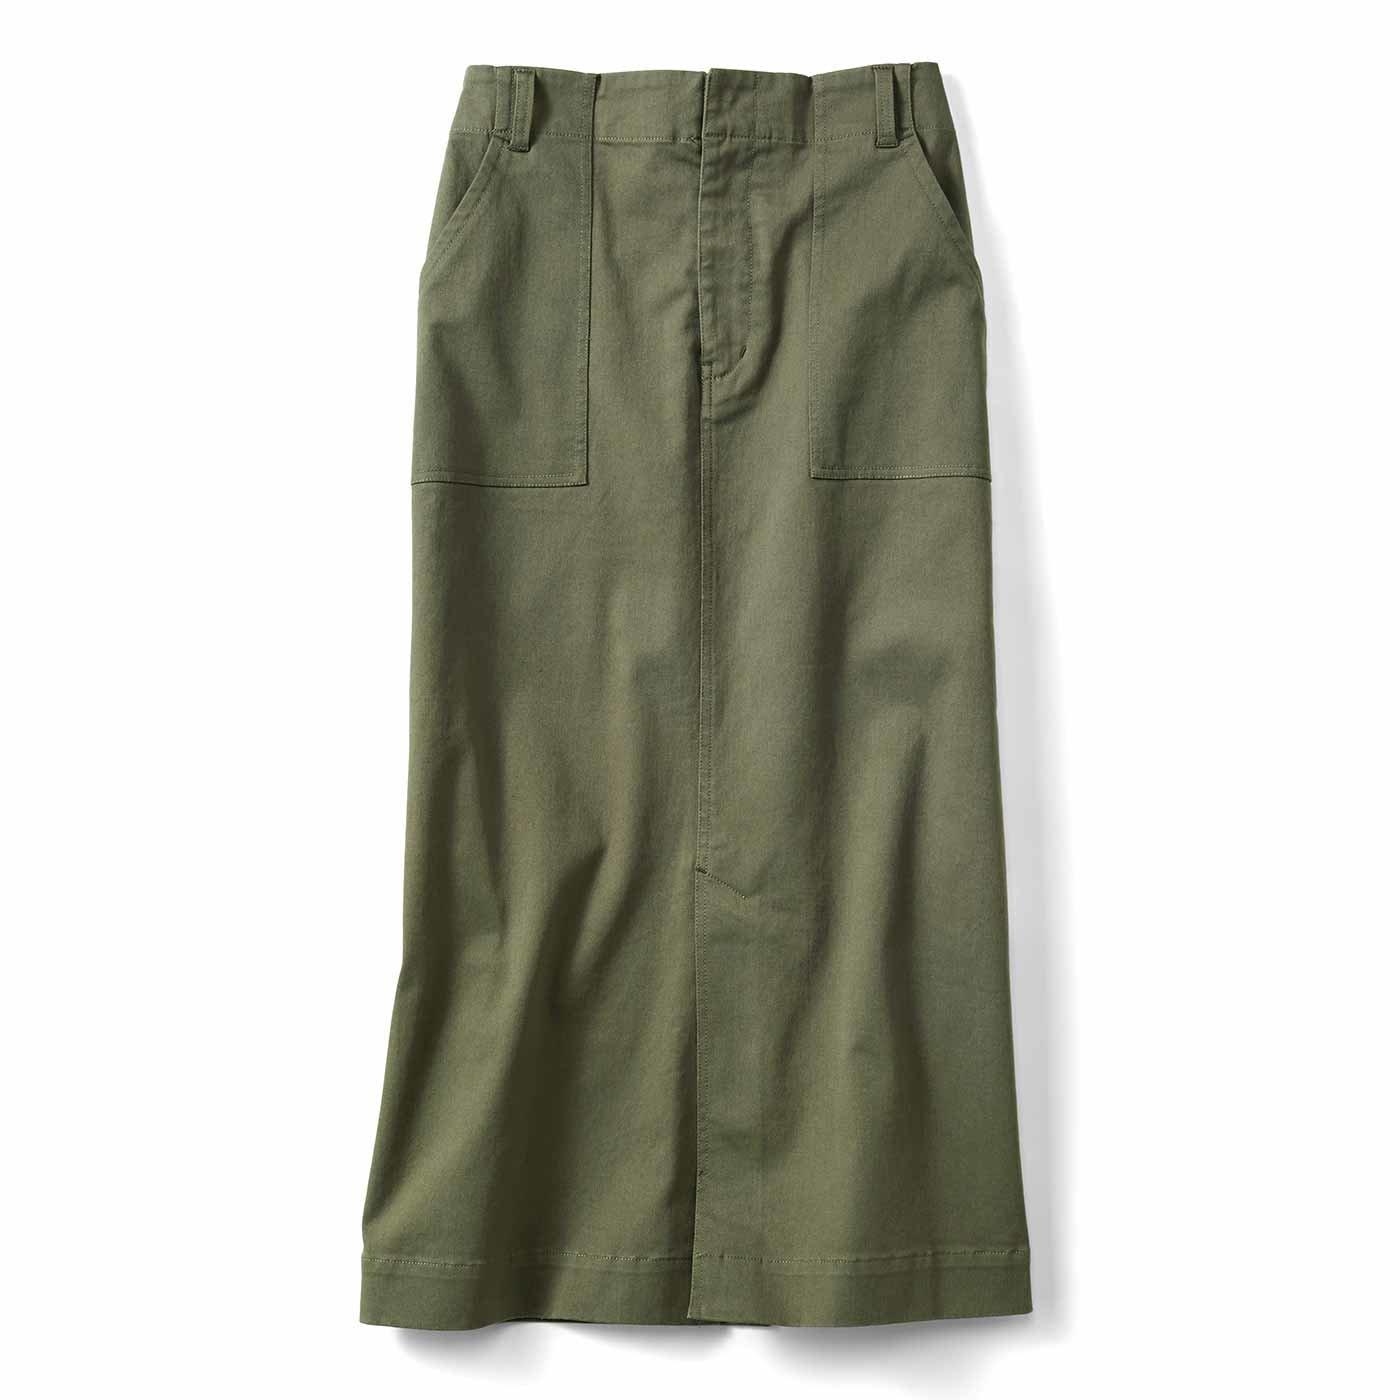 IEDIT らくちんストレッチ素材のロングタイトスカート〈カーキ〉